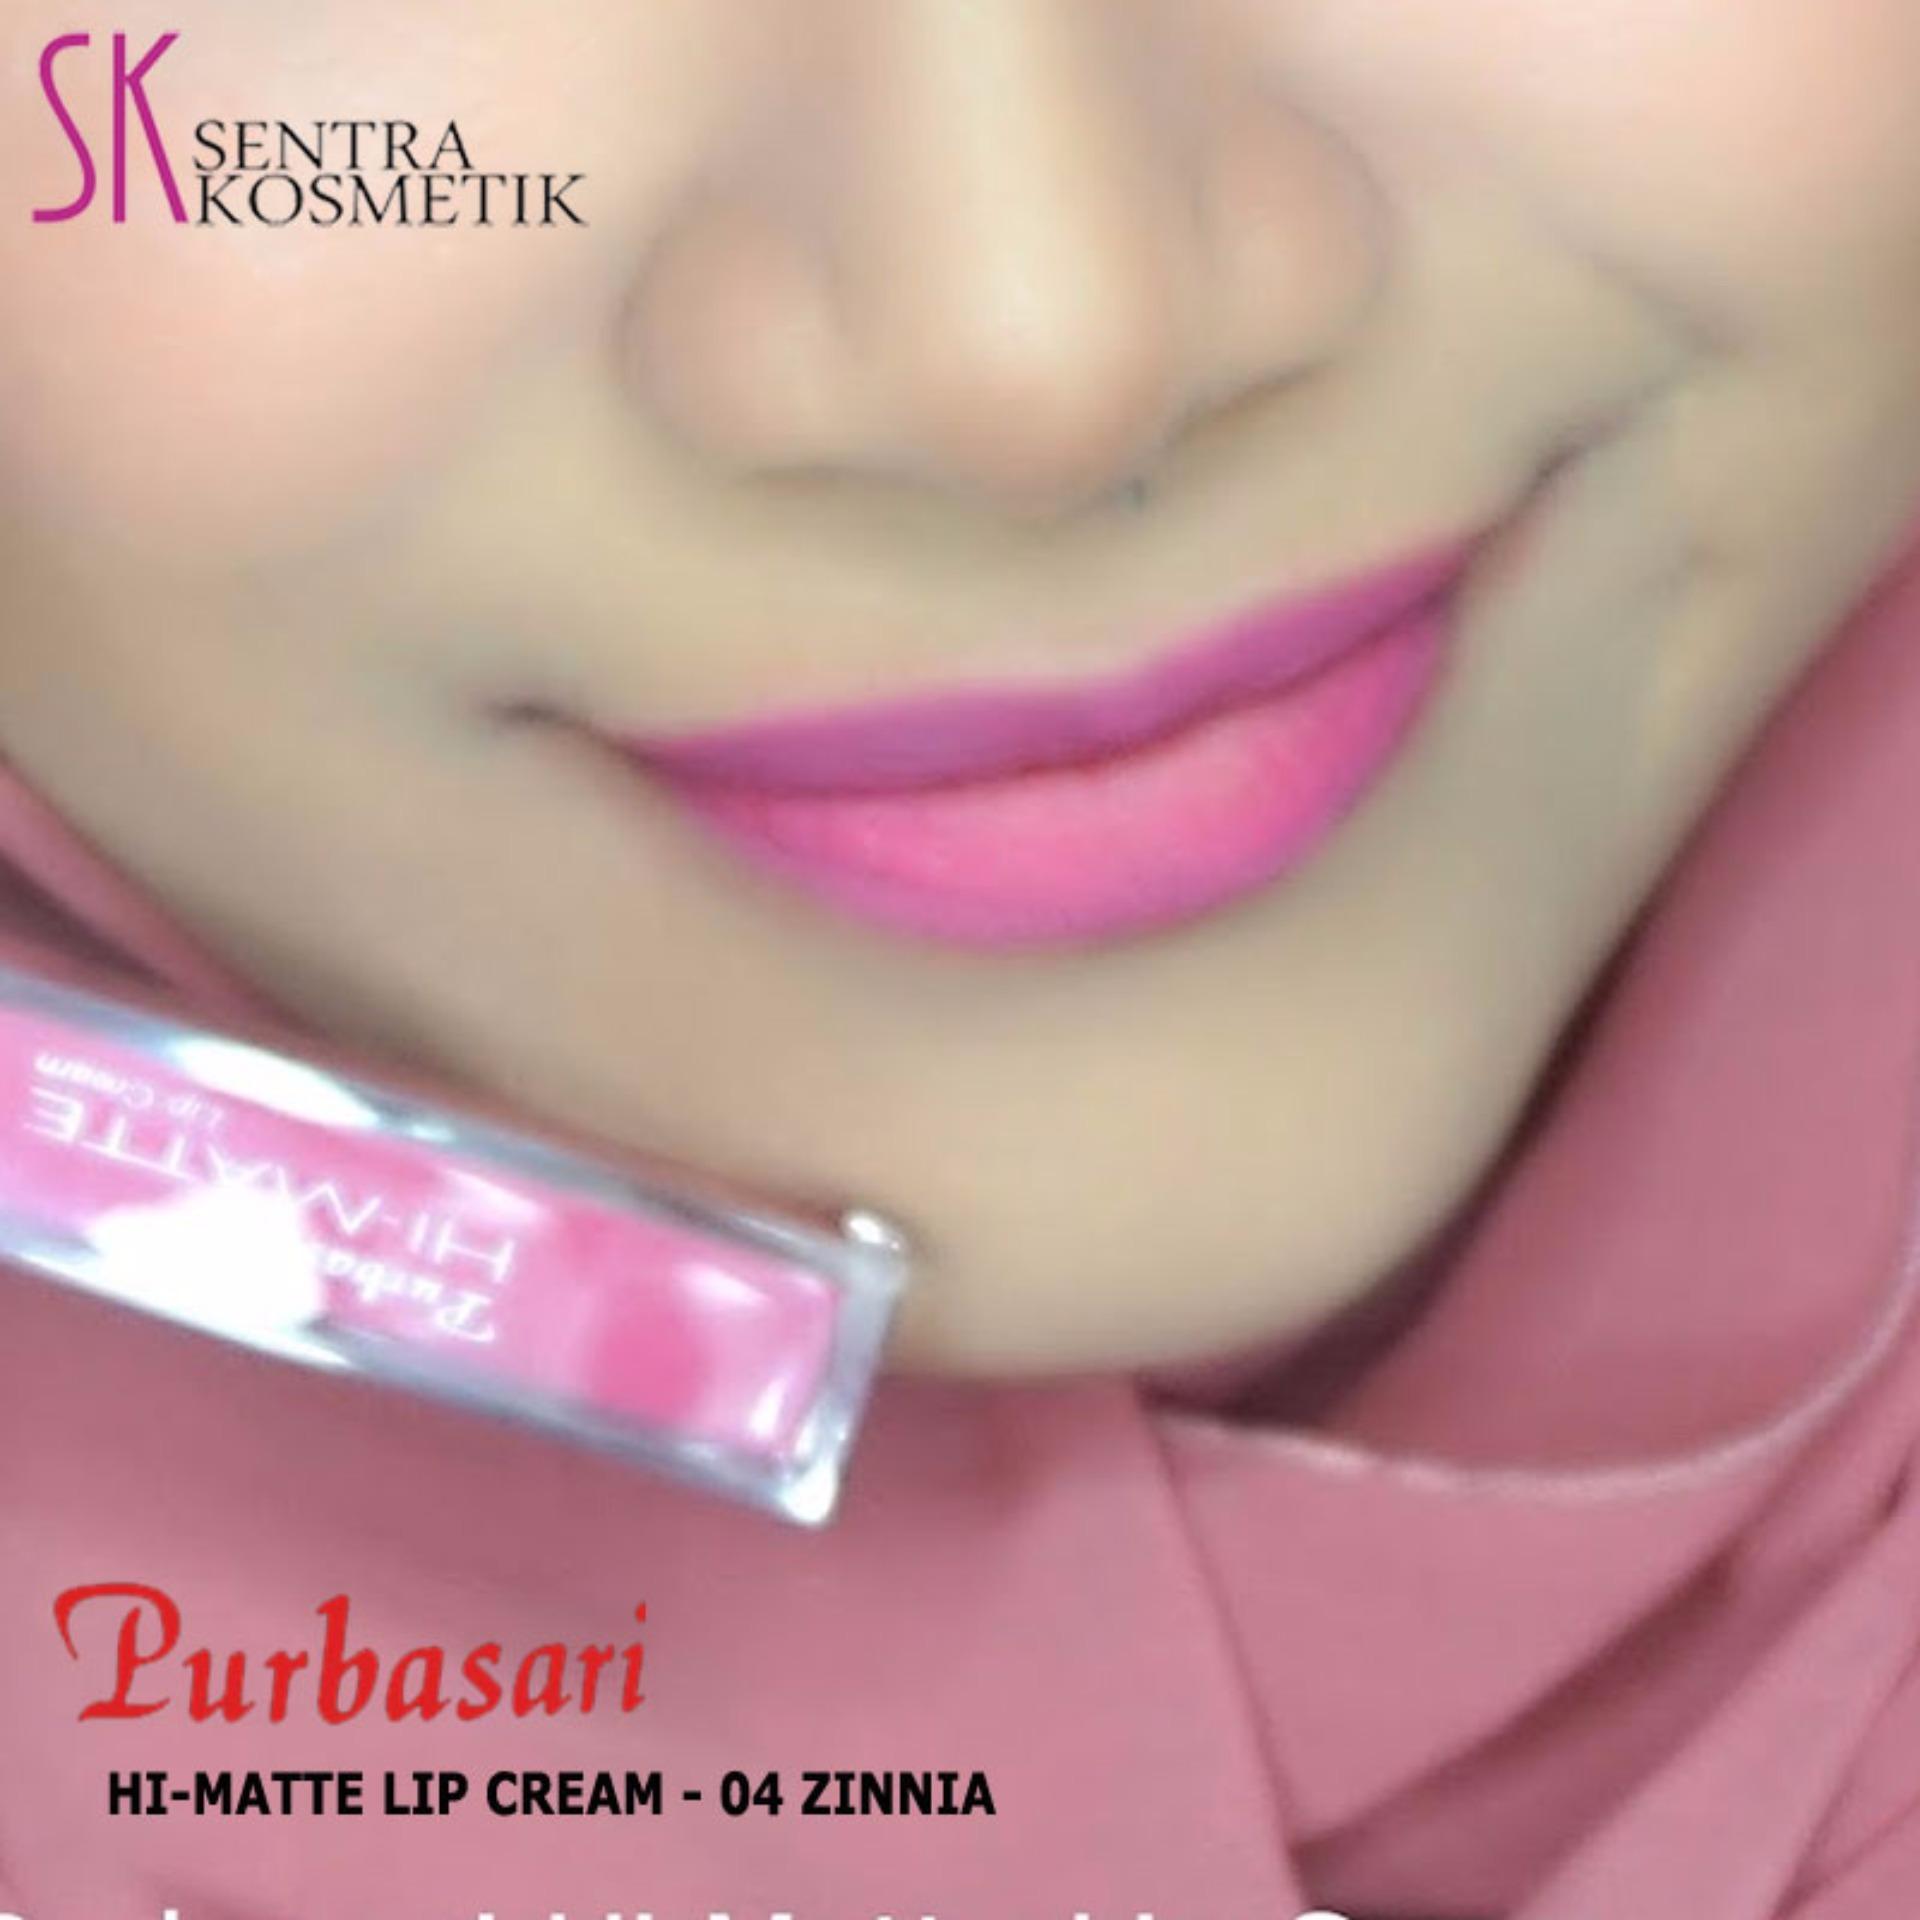 Purbasari Hi Matte Lip Cream 03 Lantana Daftar Harga Terbaru Dan Lipstick 04 Zinnia